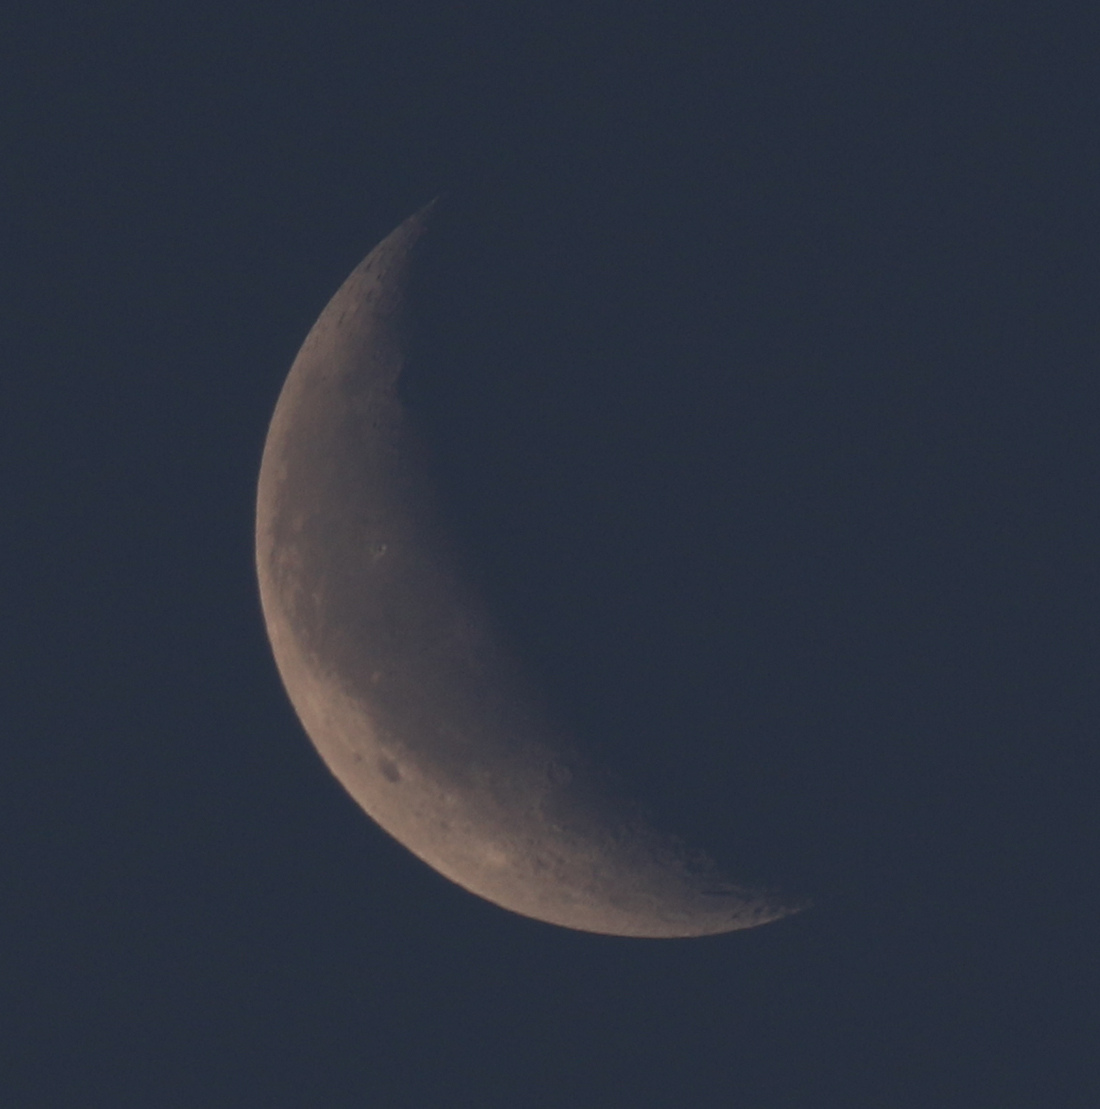 la lune le 27/07/2019 (39831)